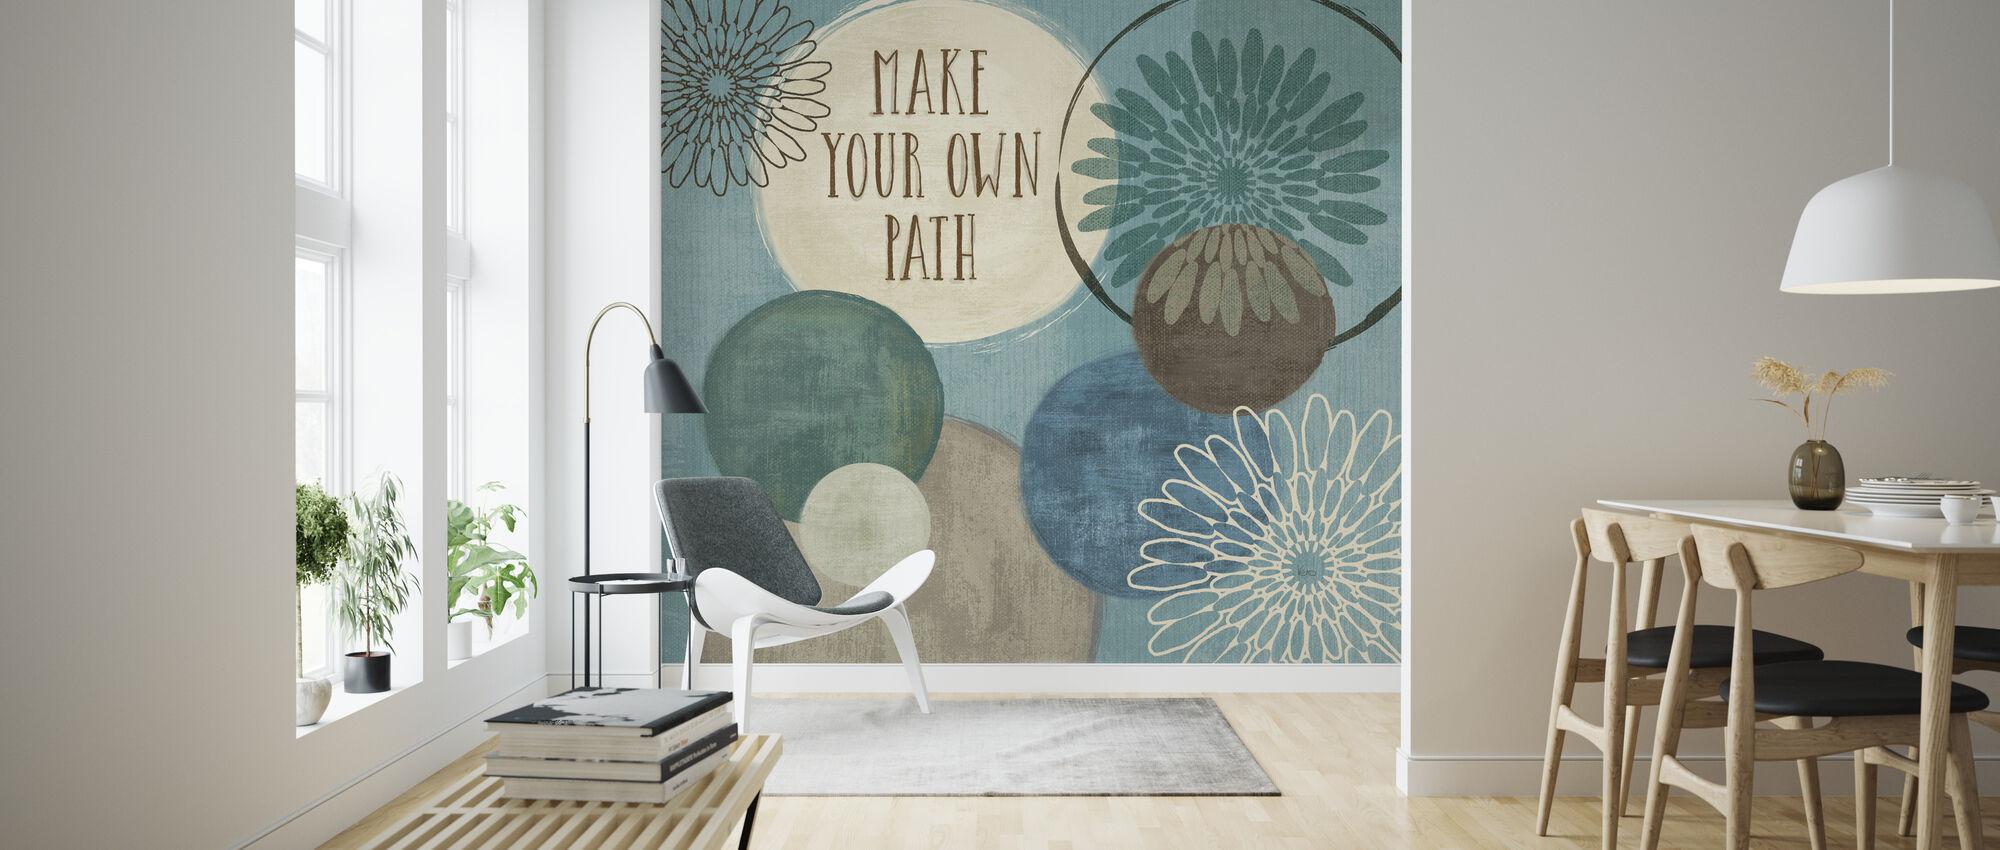 Make Your Own Path Inrichten Met Fotobehang Photowall